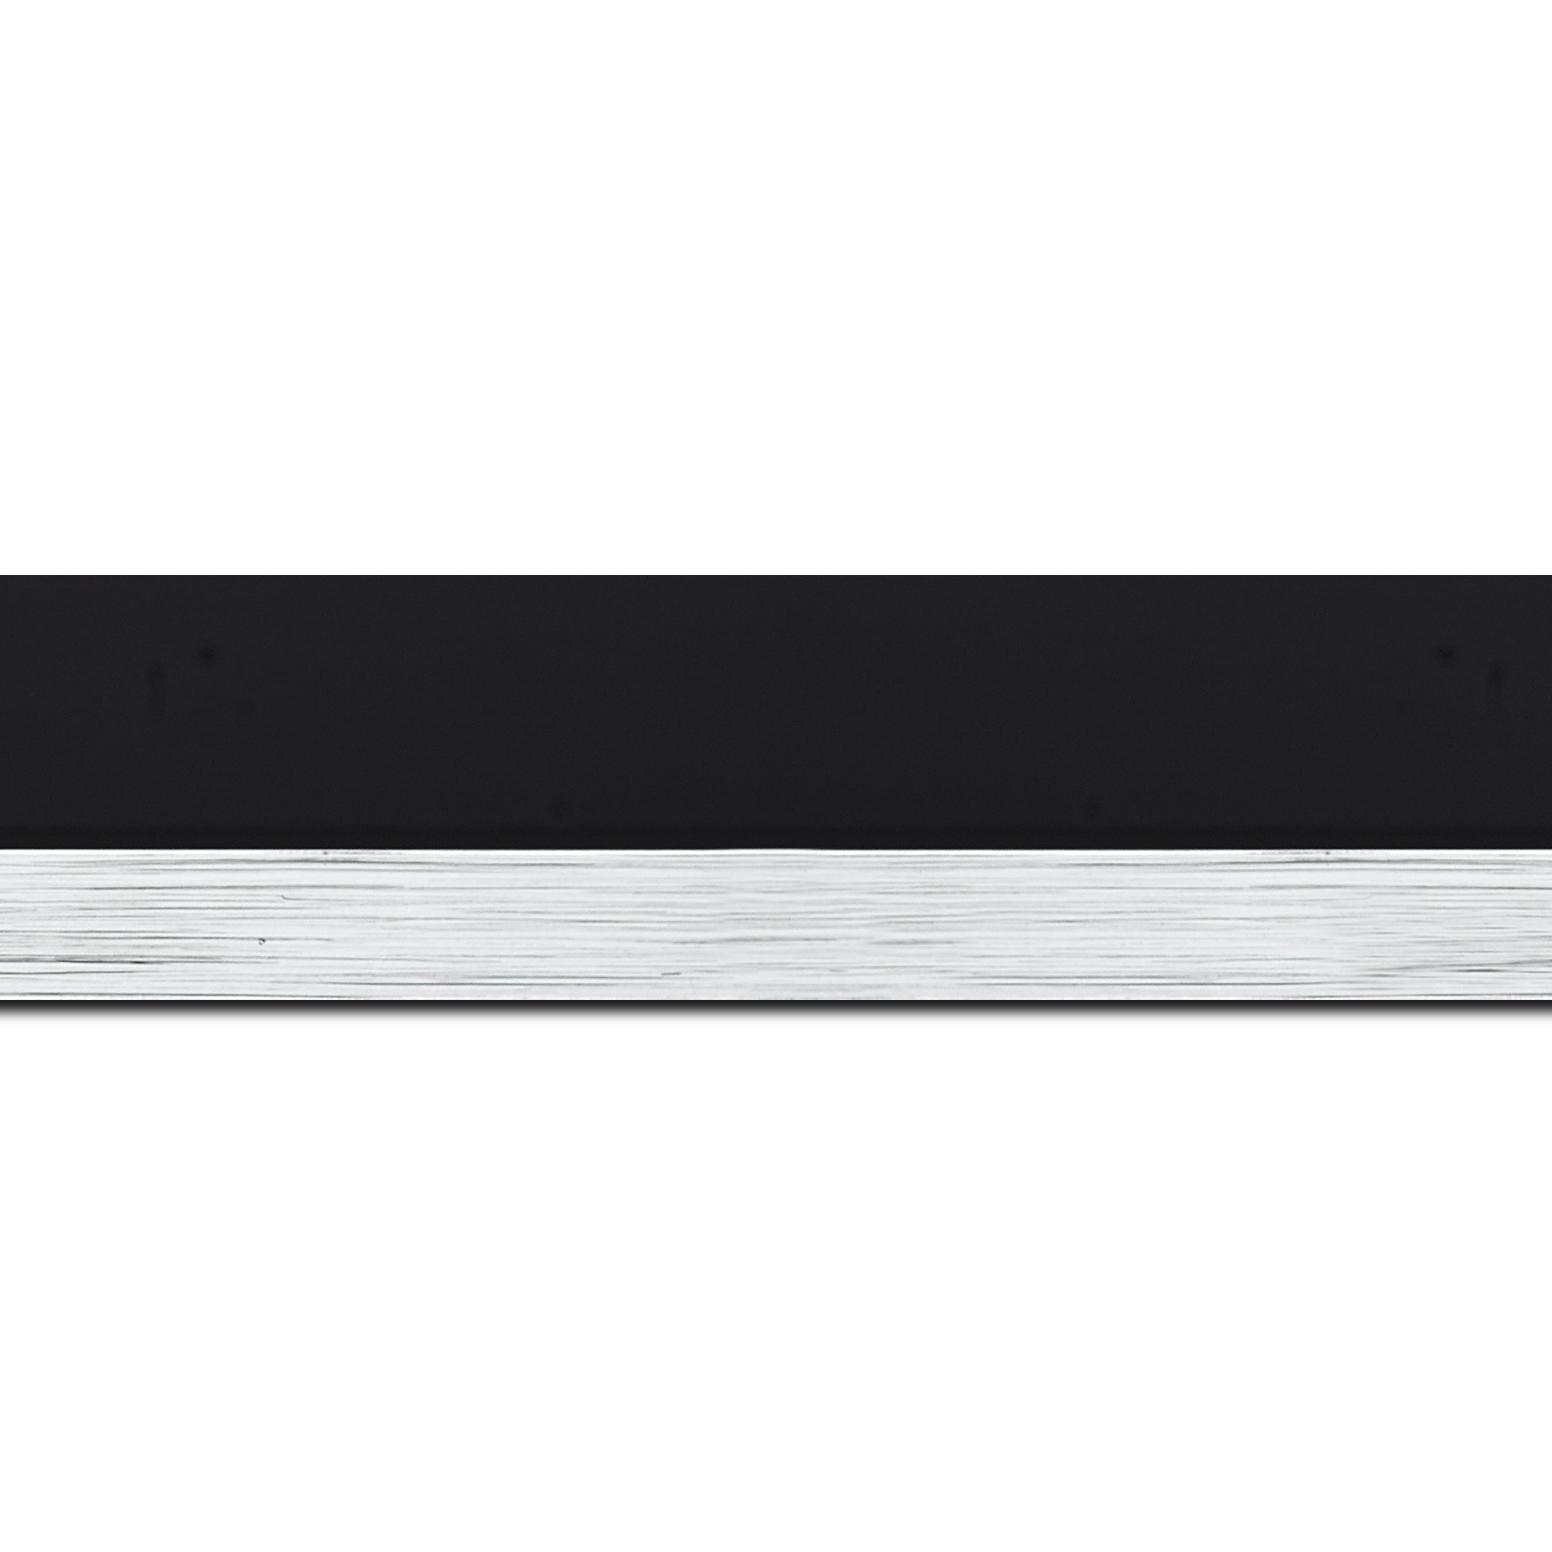 Pack par 12m, bois profil plat largeur 4.5cm couleur noir mat nez argent finition pore bouché (longueur baguette pouvant varier entre 2.40m et 3m selon arrivage des bois)